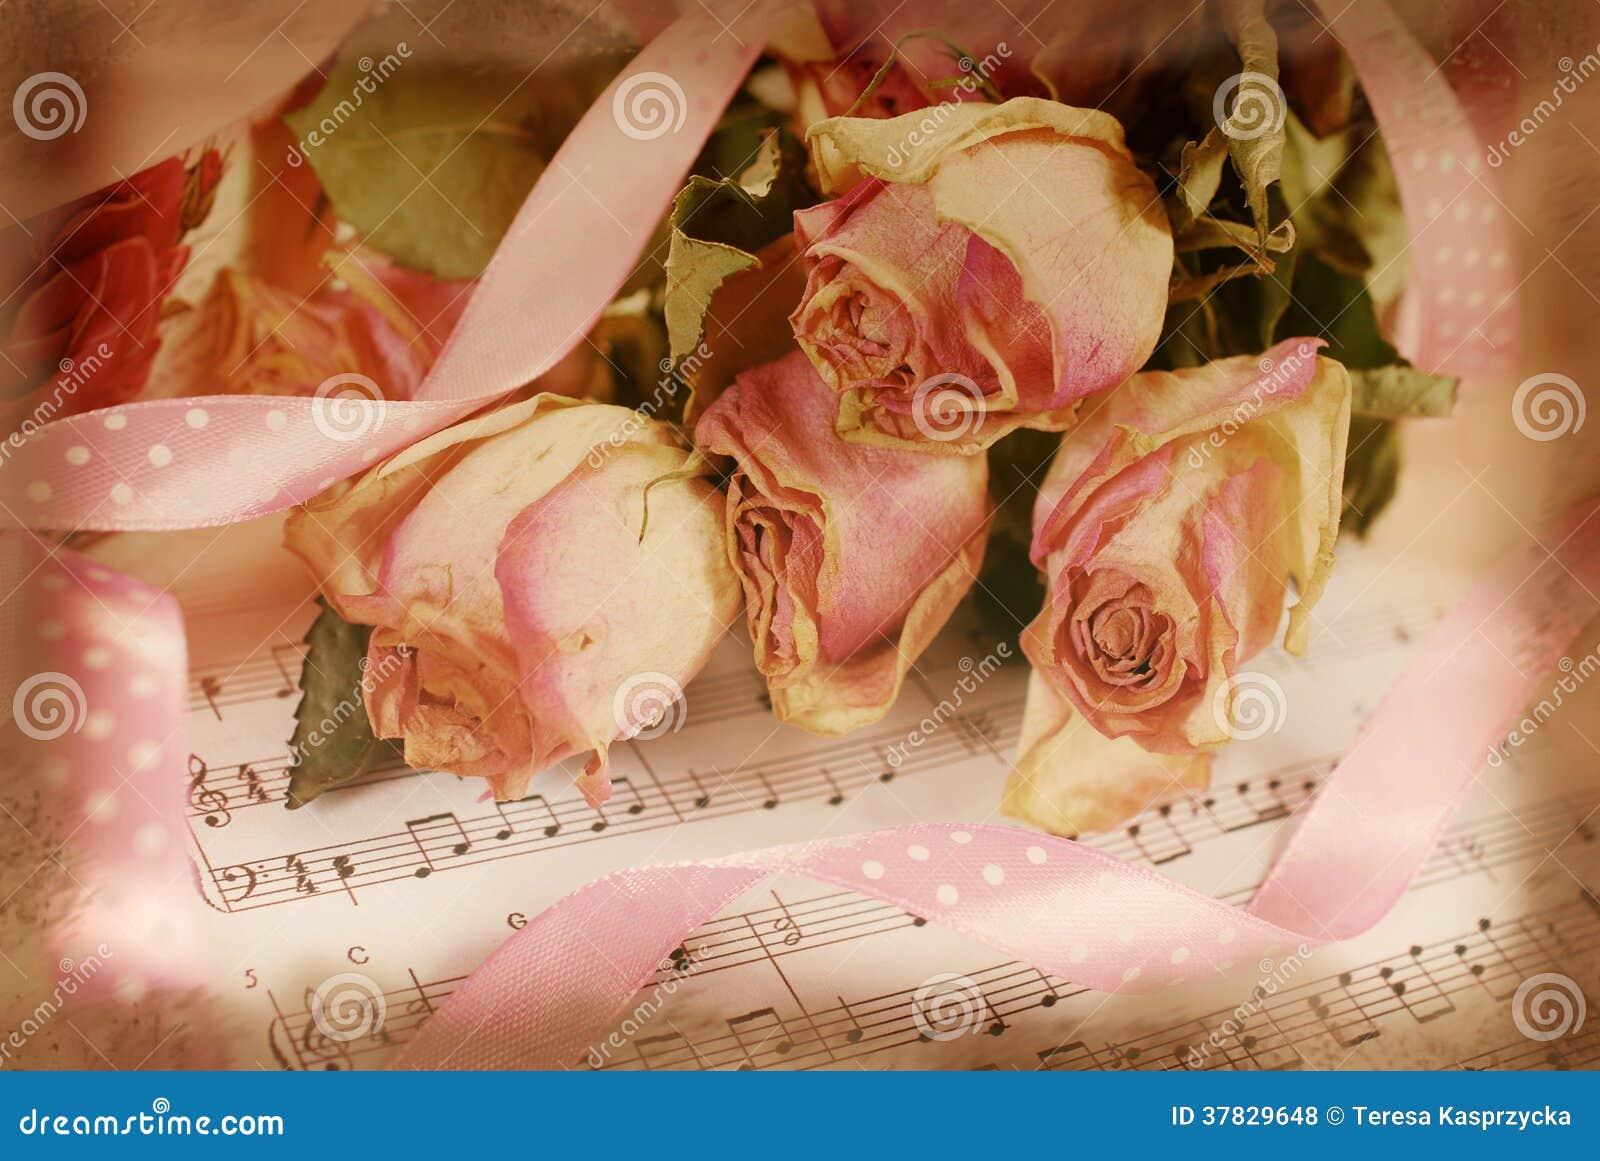 Dentelez les roses sèches sur le vieux papier de note dans le style de vintage